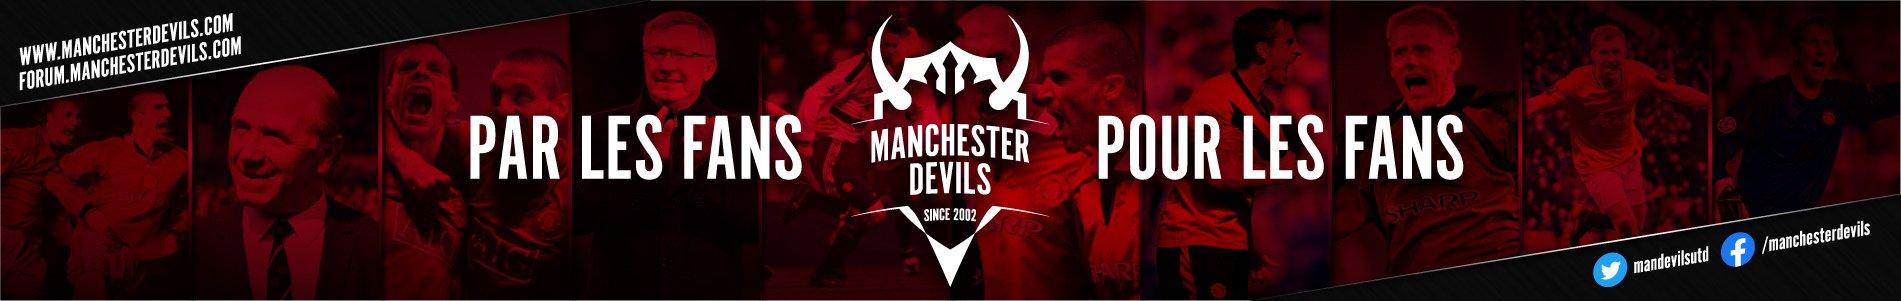 Manchester Devils, le forum